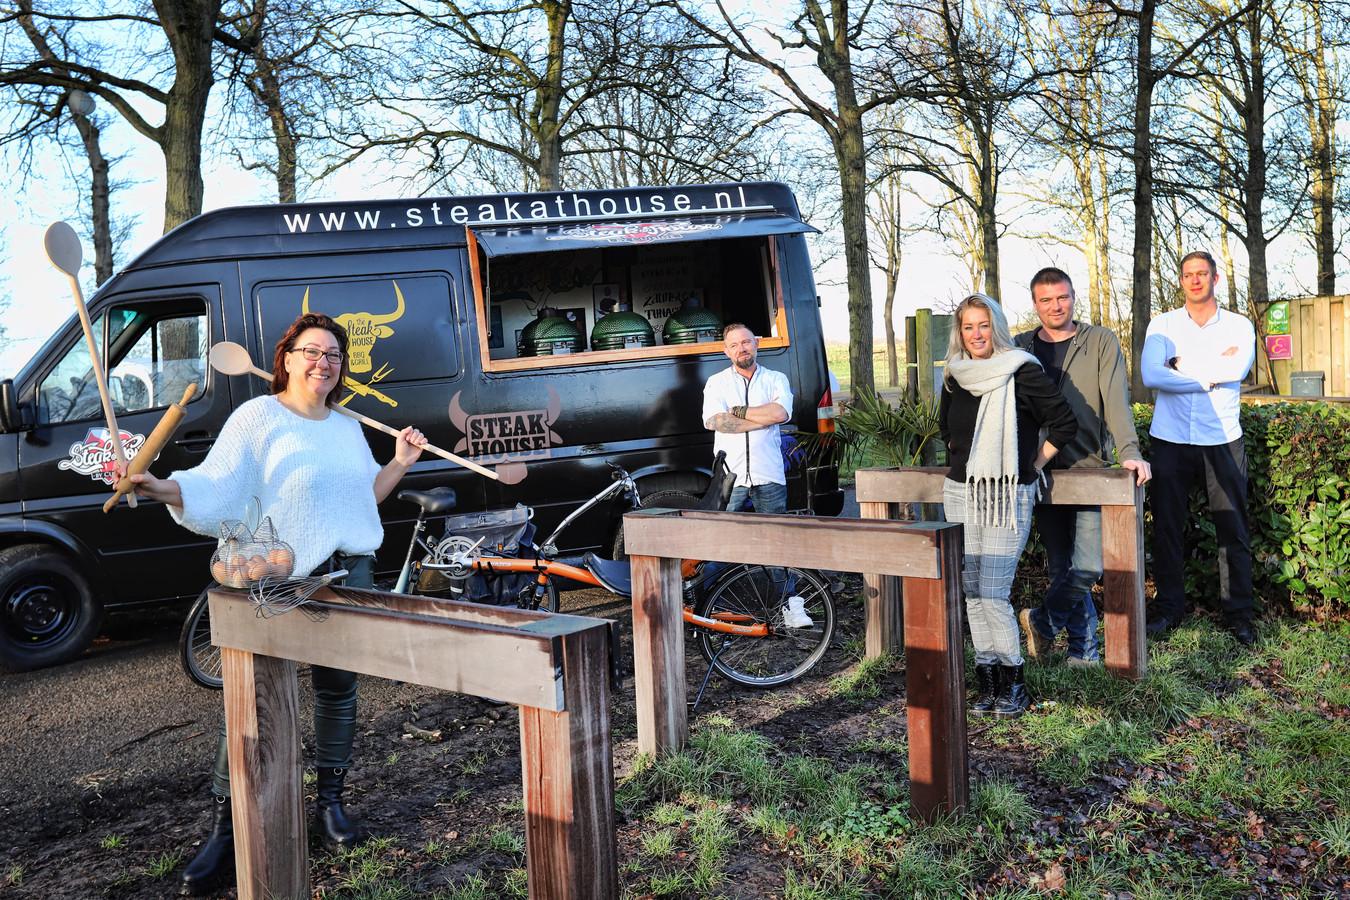 Deze ondernemers zetten een fietstocht met onderweg hapjes en drankjes op touw.